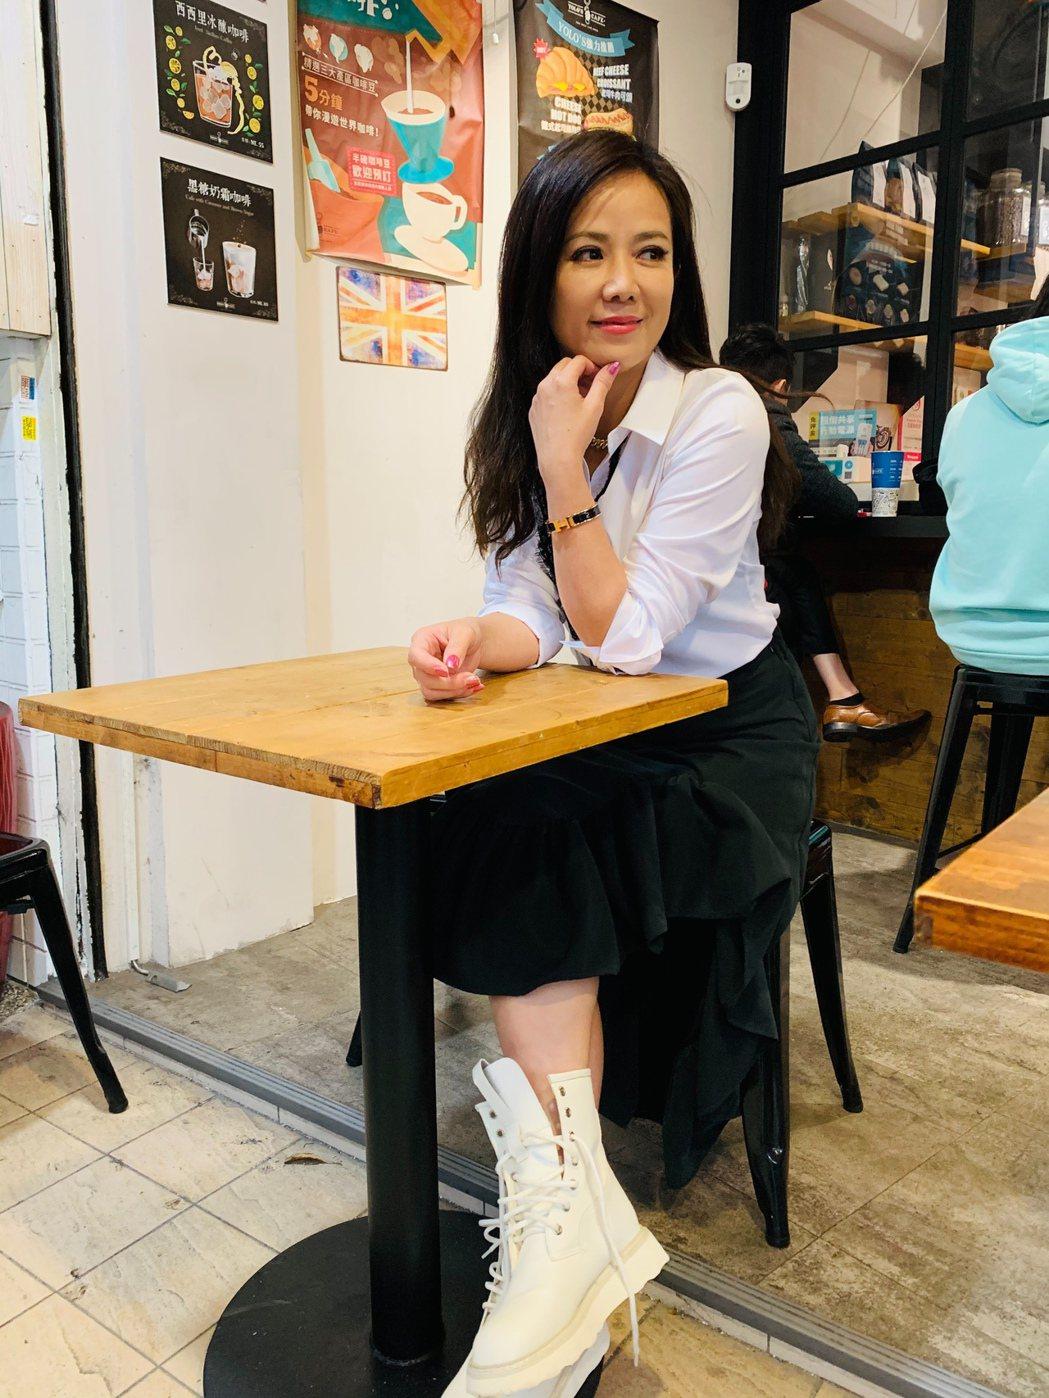 陳仙梅難得有休閒時間可以喝咖啡。記者陳慧貞/攝影